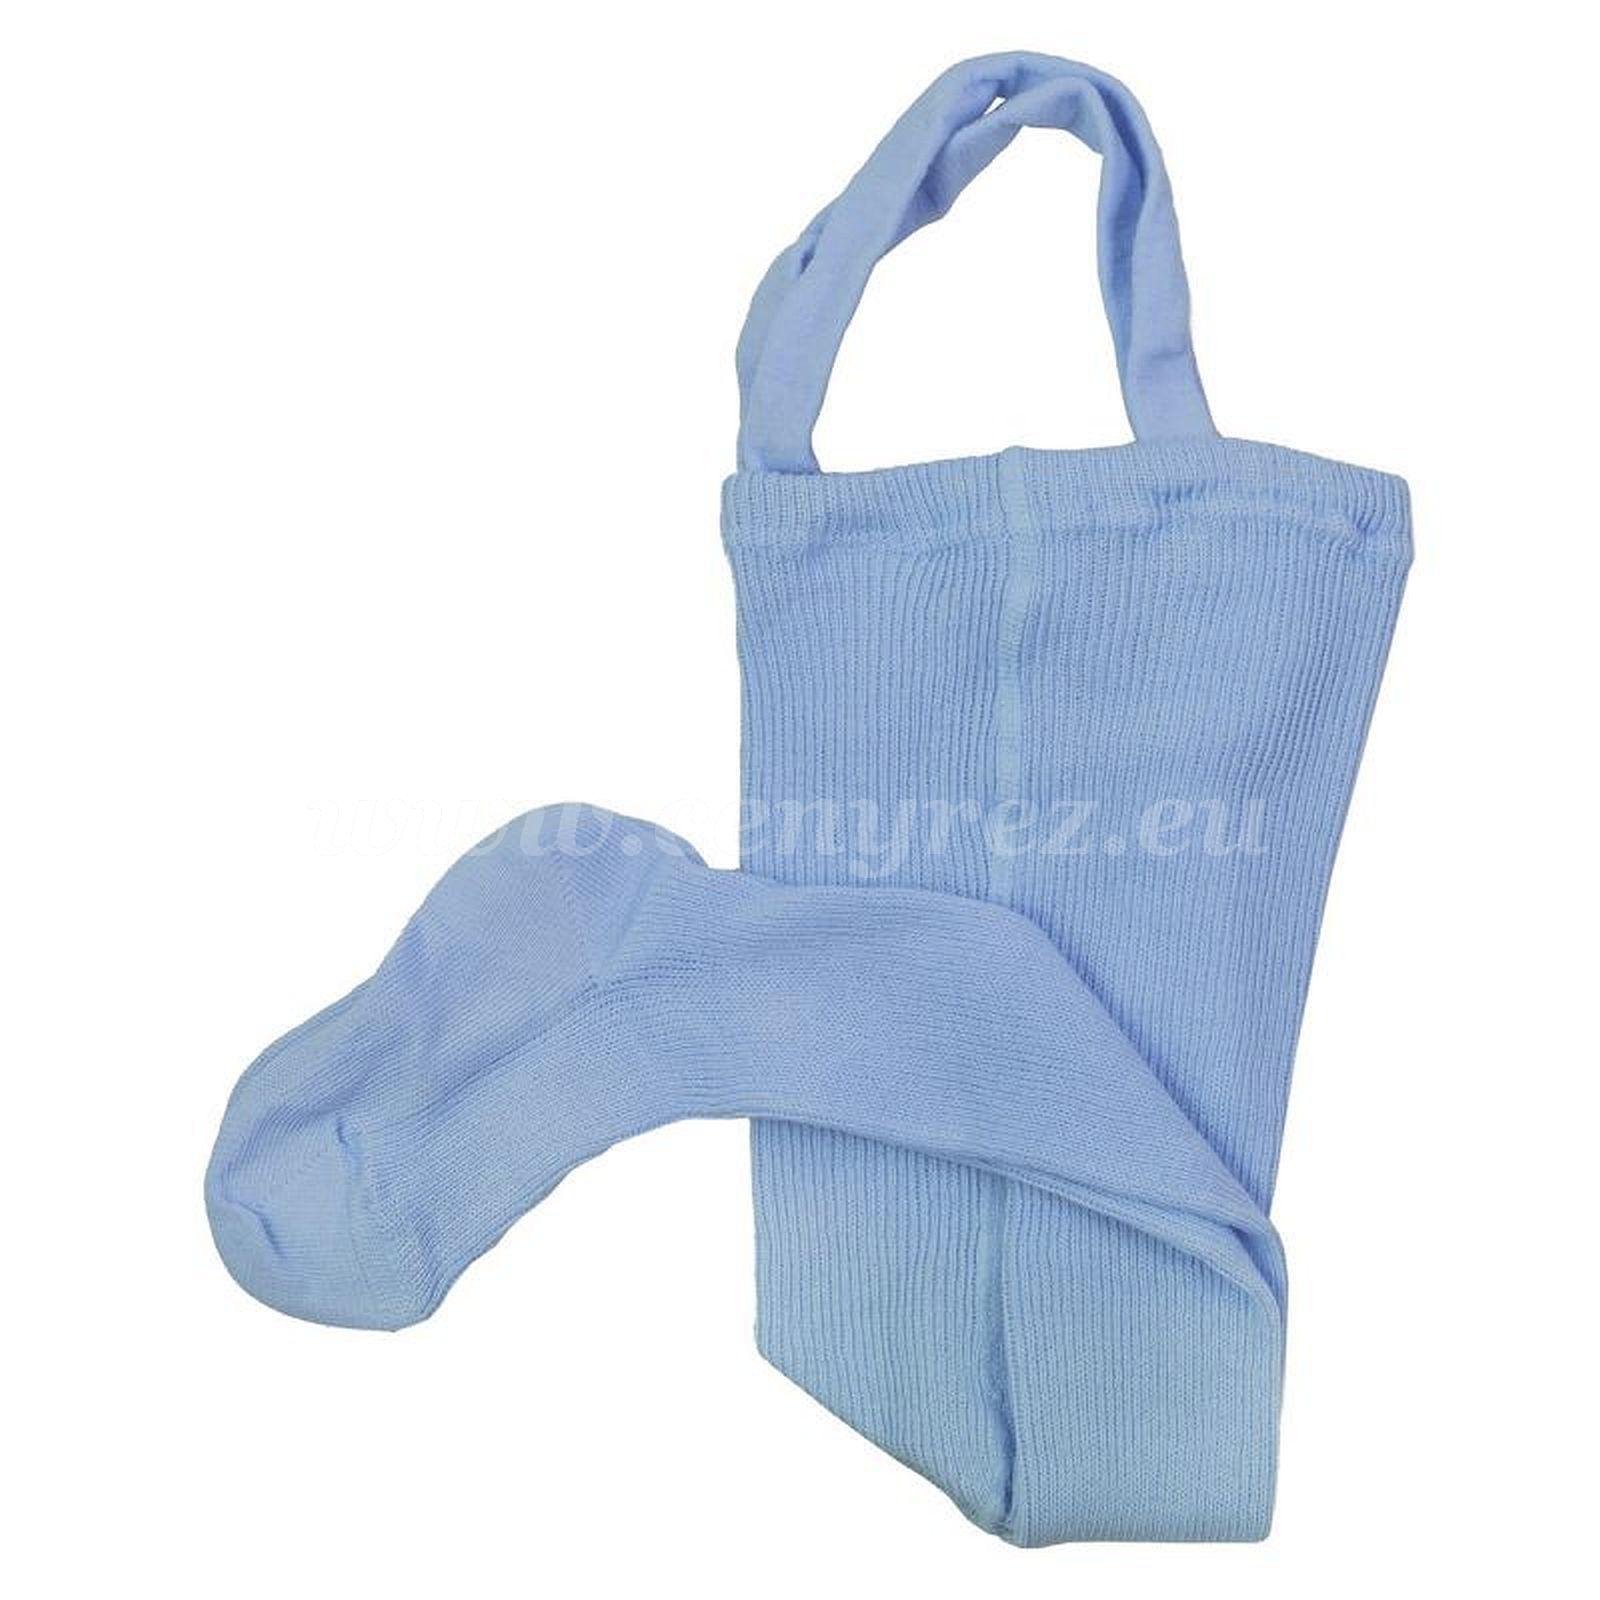 DUCIKA Babystrumpfhosen mit Trägern - hellblau